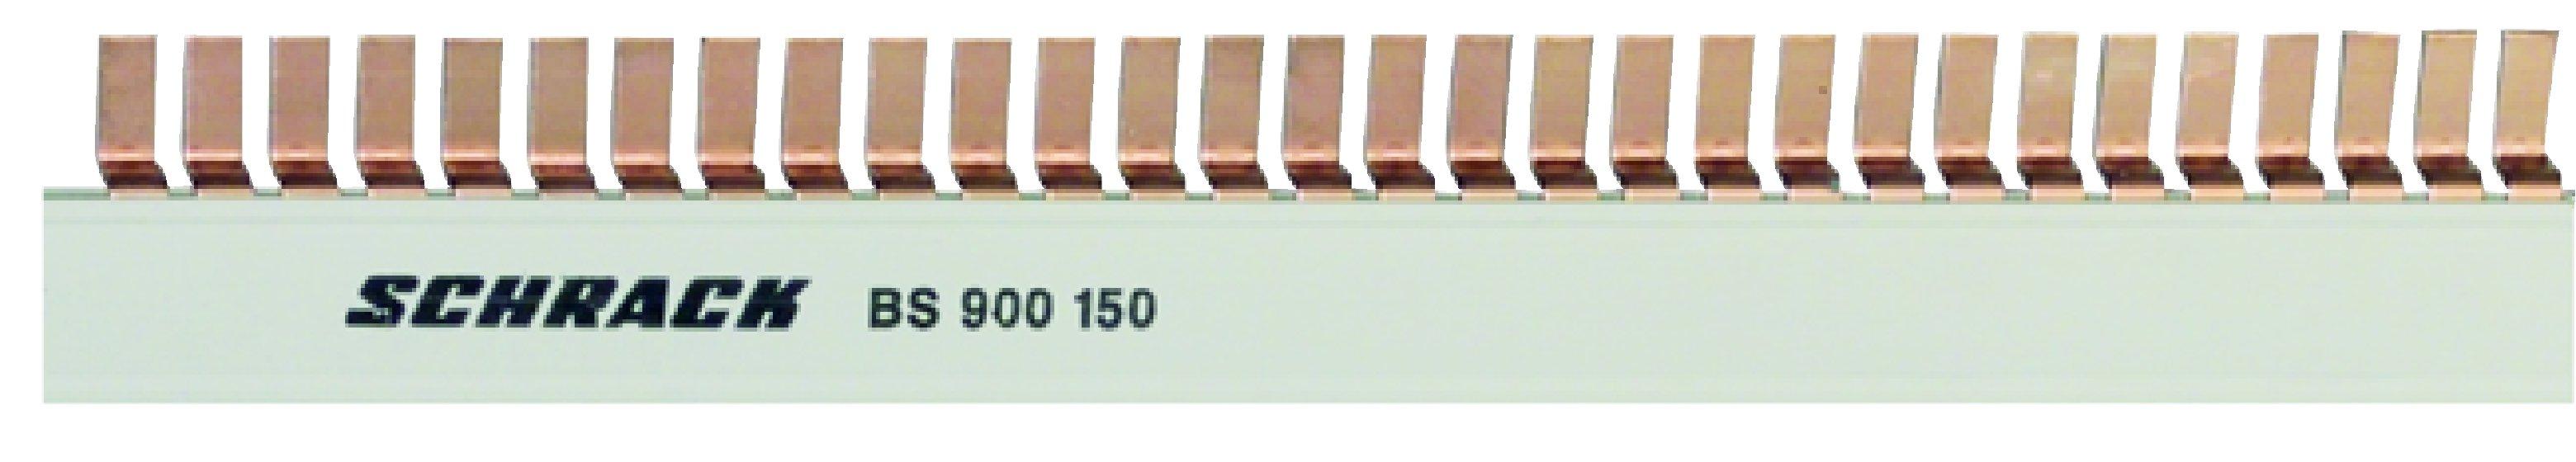 1 Stk Stiftversch. L1,L2,L3, Stiftbreite 4mm, 16mm² TE=9mm, 1m BS990152--